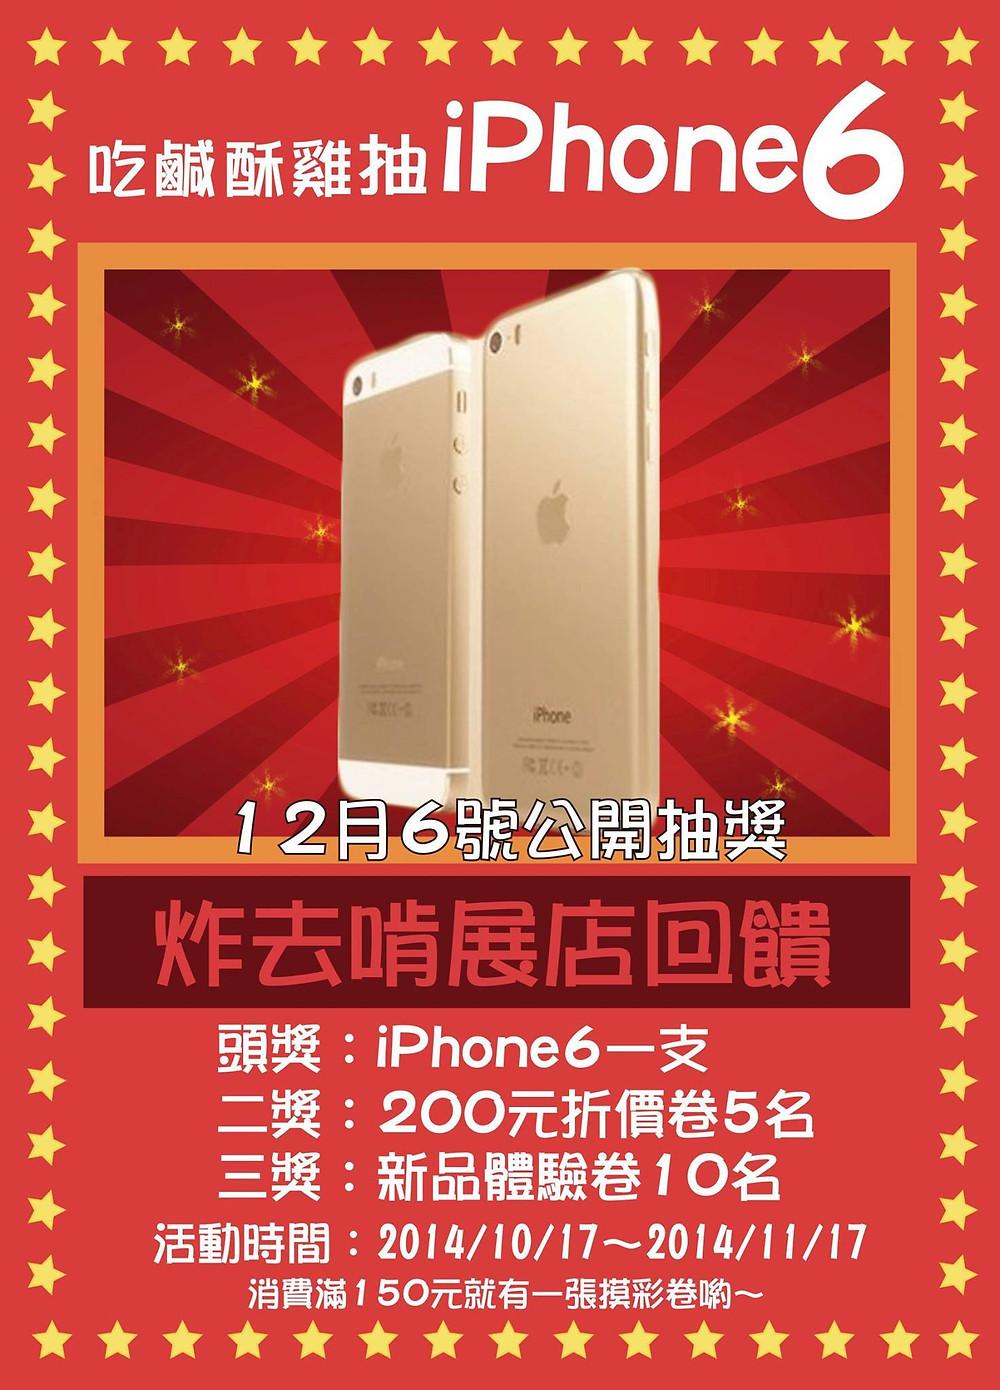 吃鹹酥雞抽iPhone6.jpg